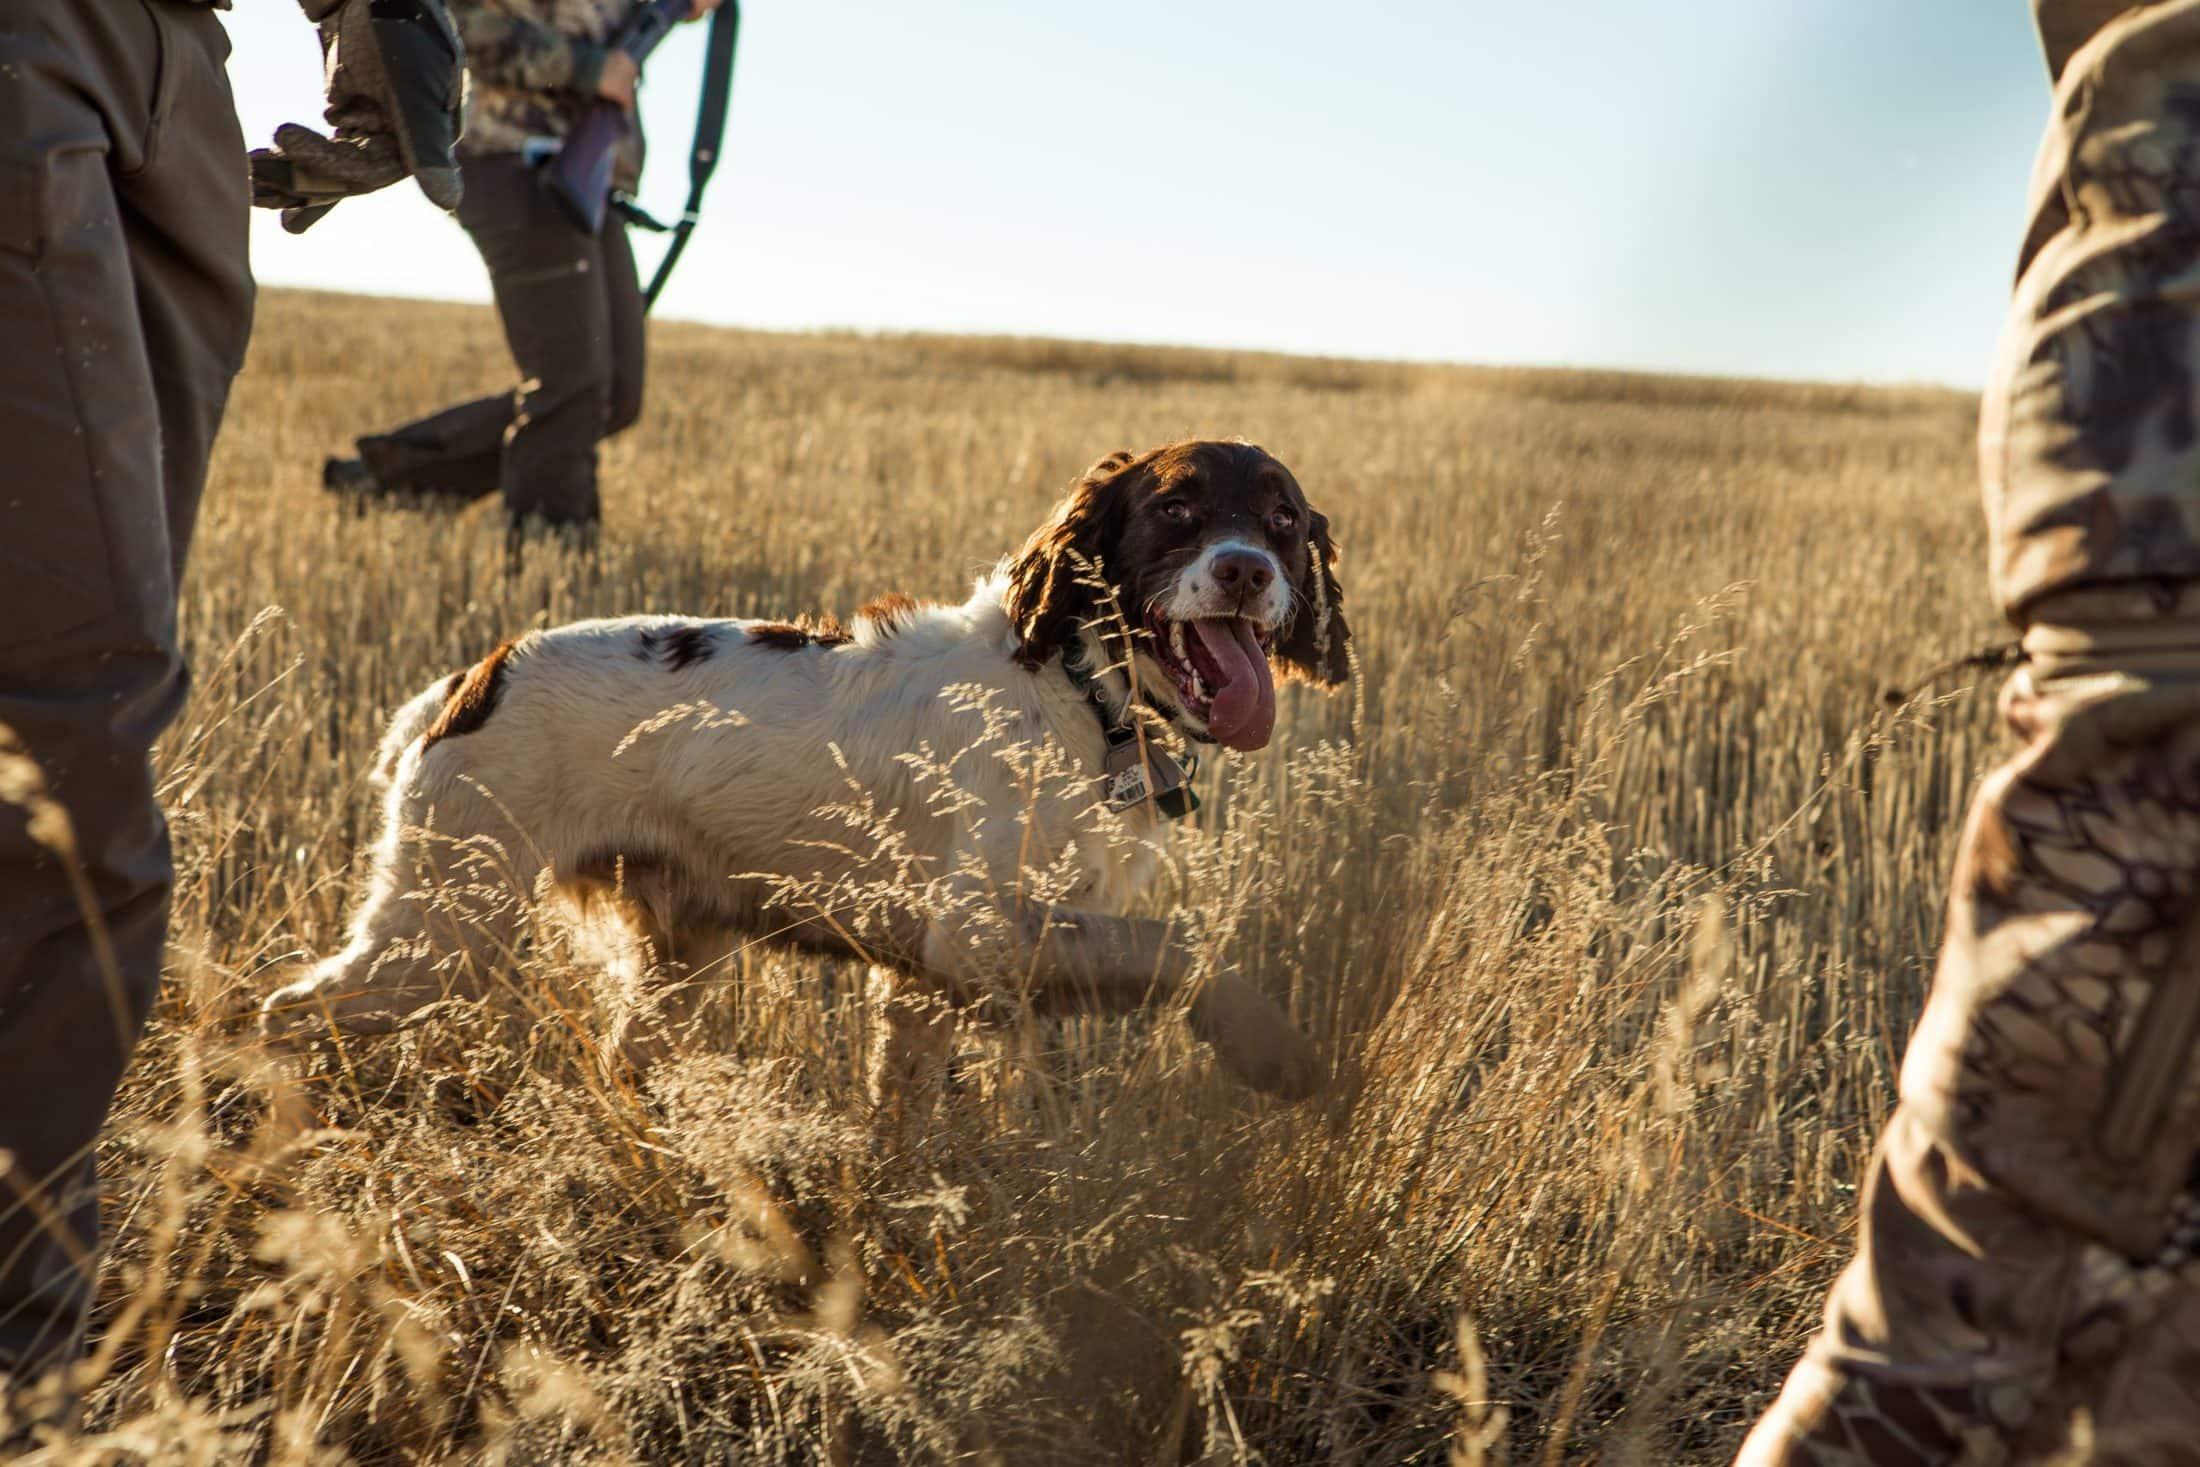 white dog on grass field